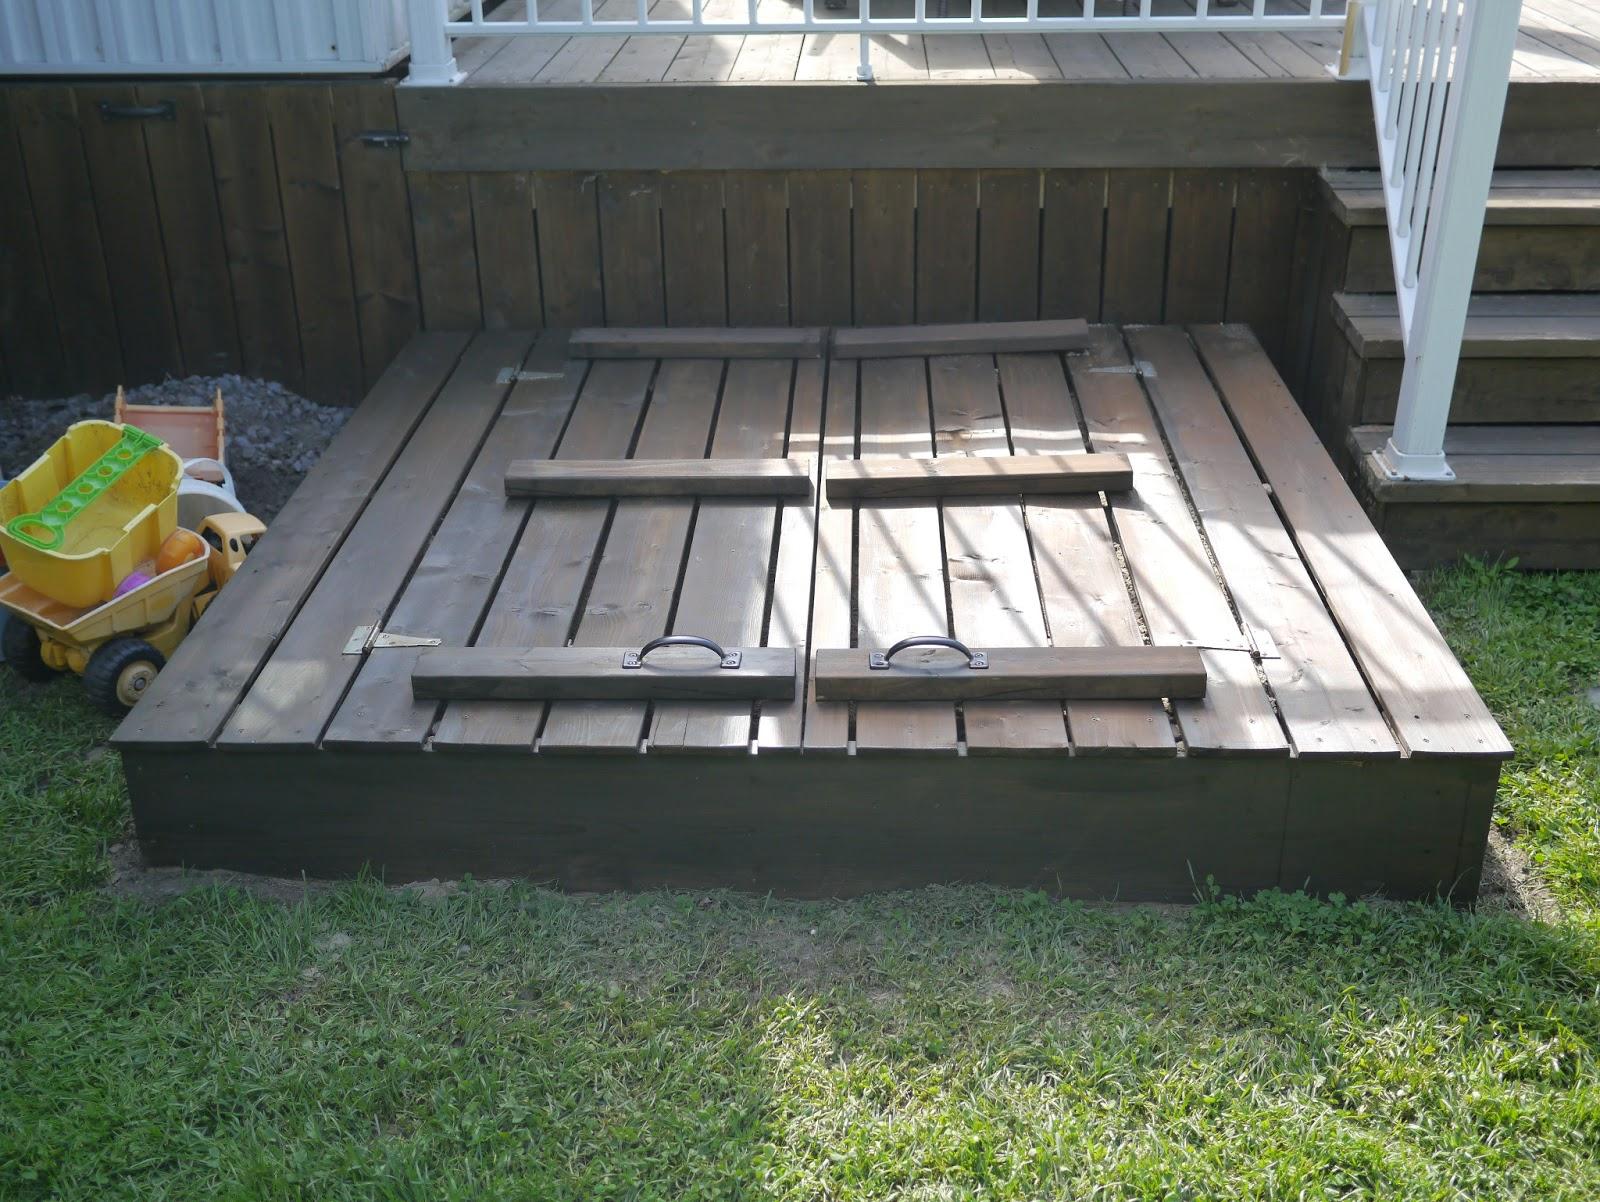 une r alisation de tomy b dard carr de sable couvercle et bancs int gr s. Black Bedroom Furniture Sets. Home Design Ideas